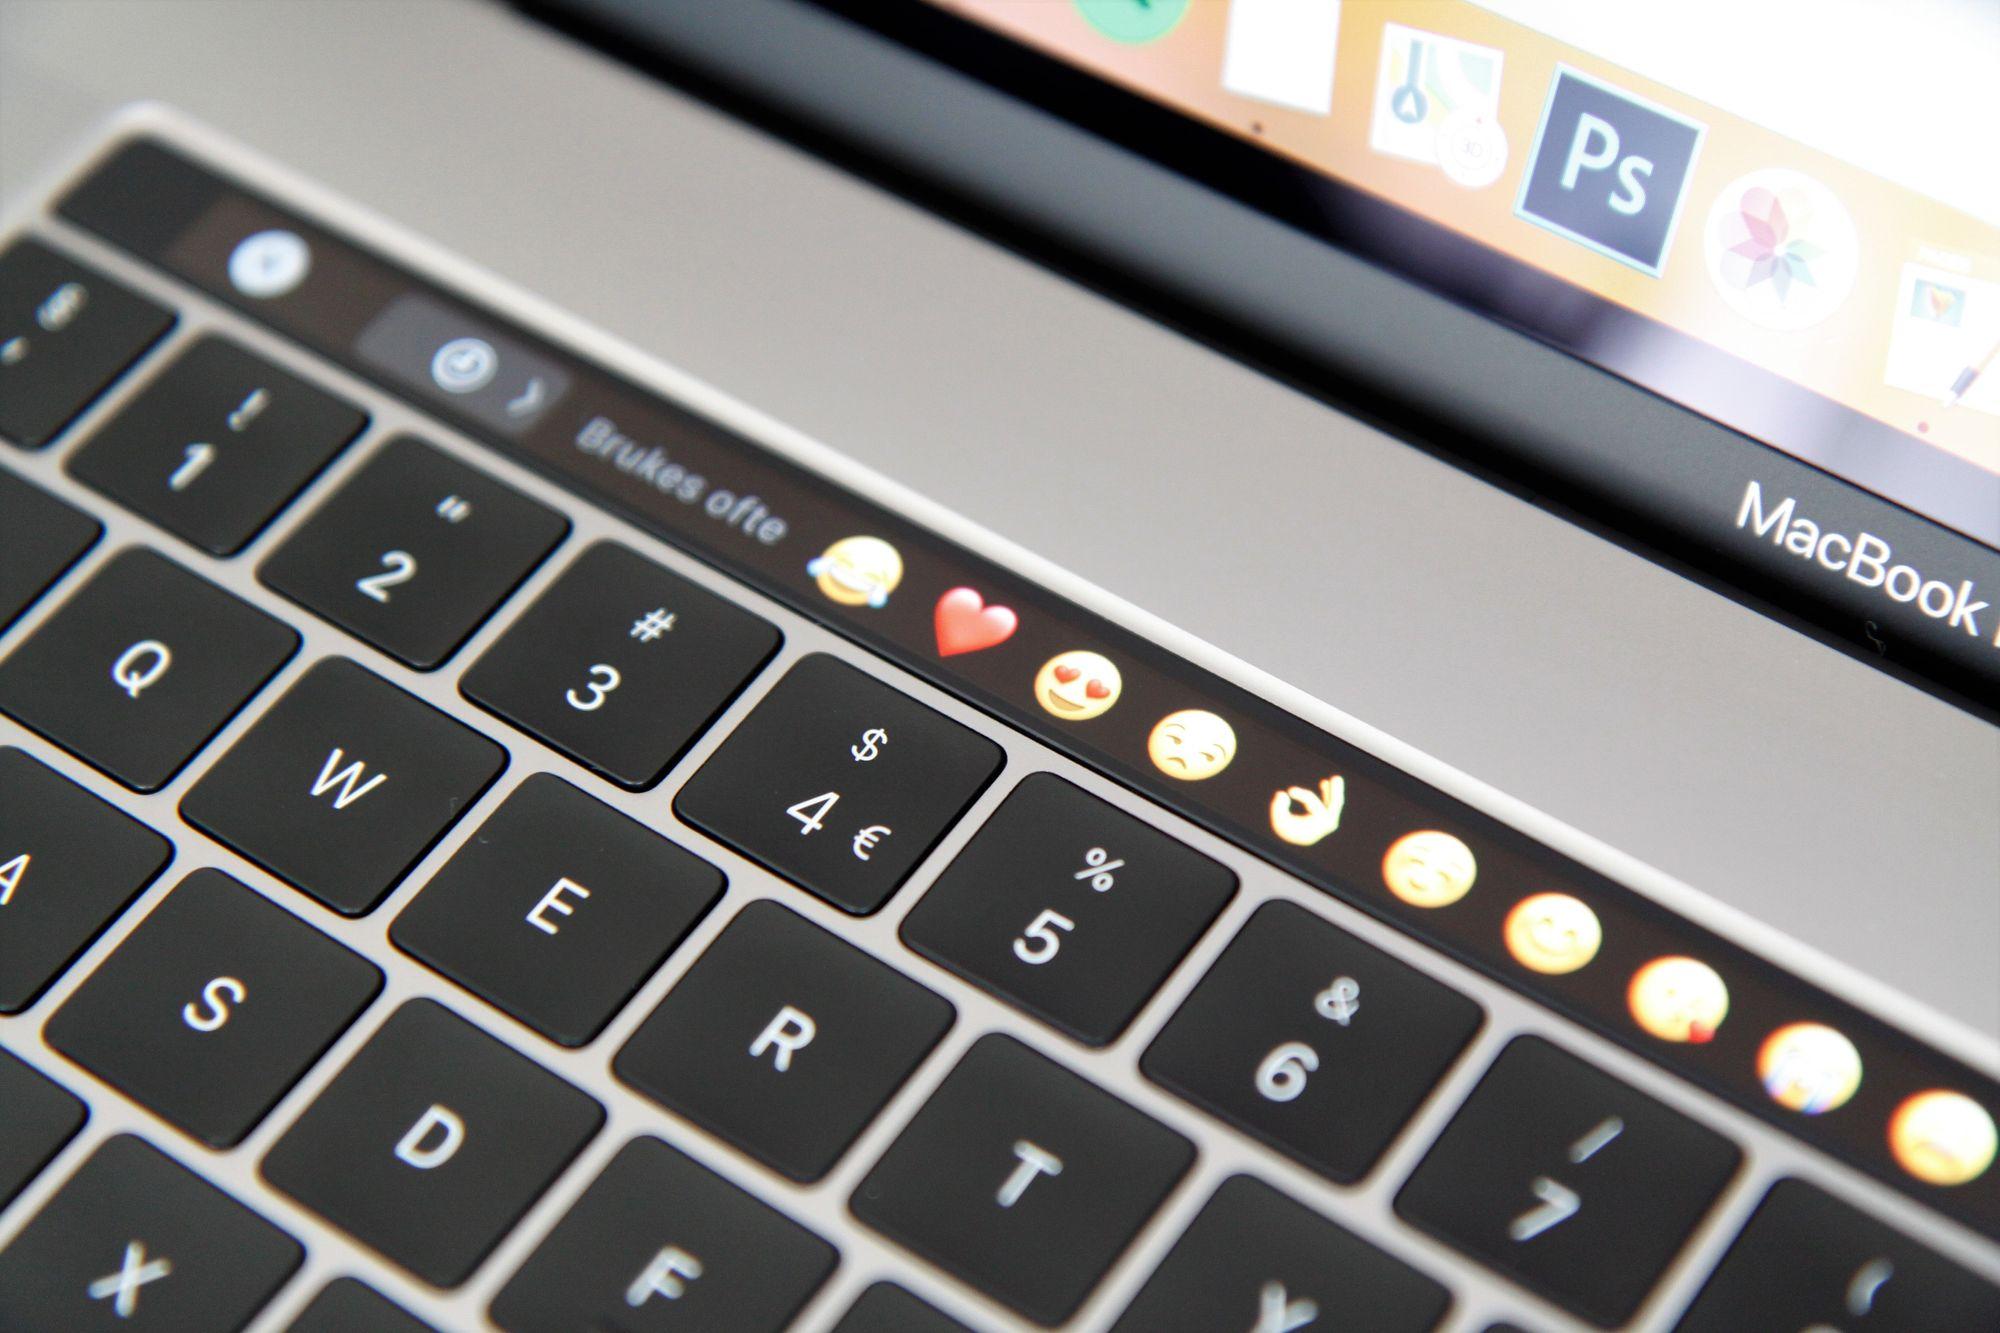 hvor gjøre jeg feste opp meg Belkin tastatur å meg iPad tre typer radiometrisk dating